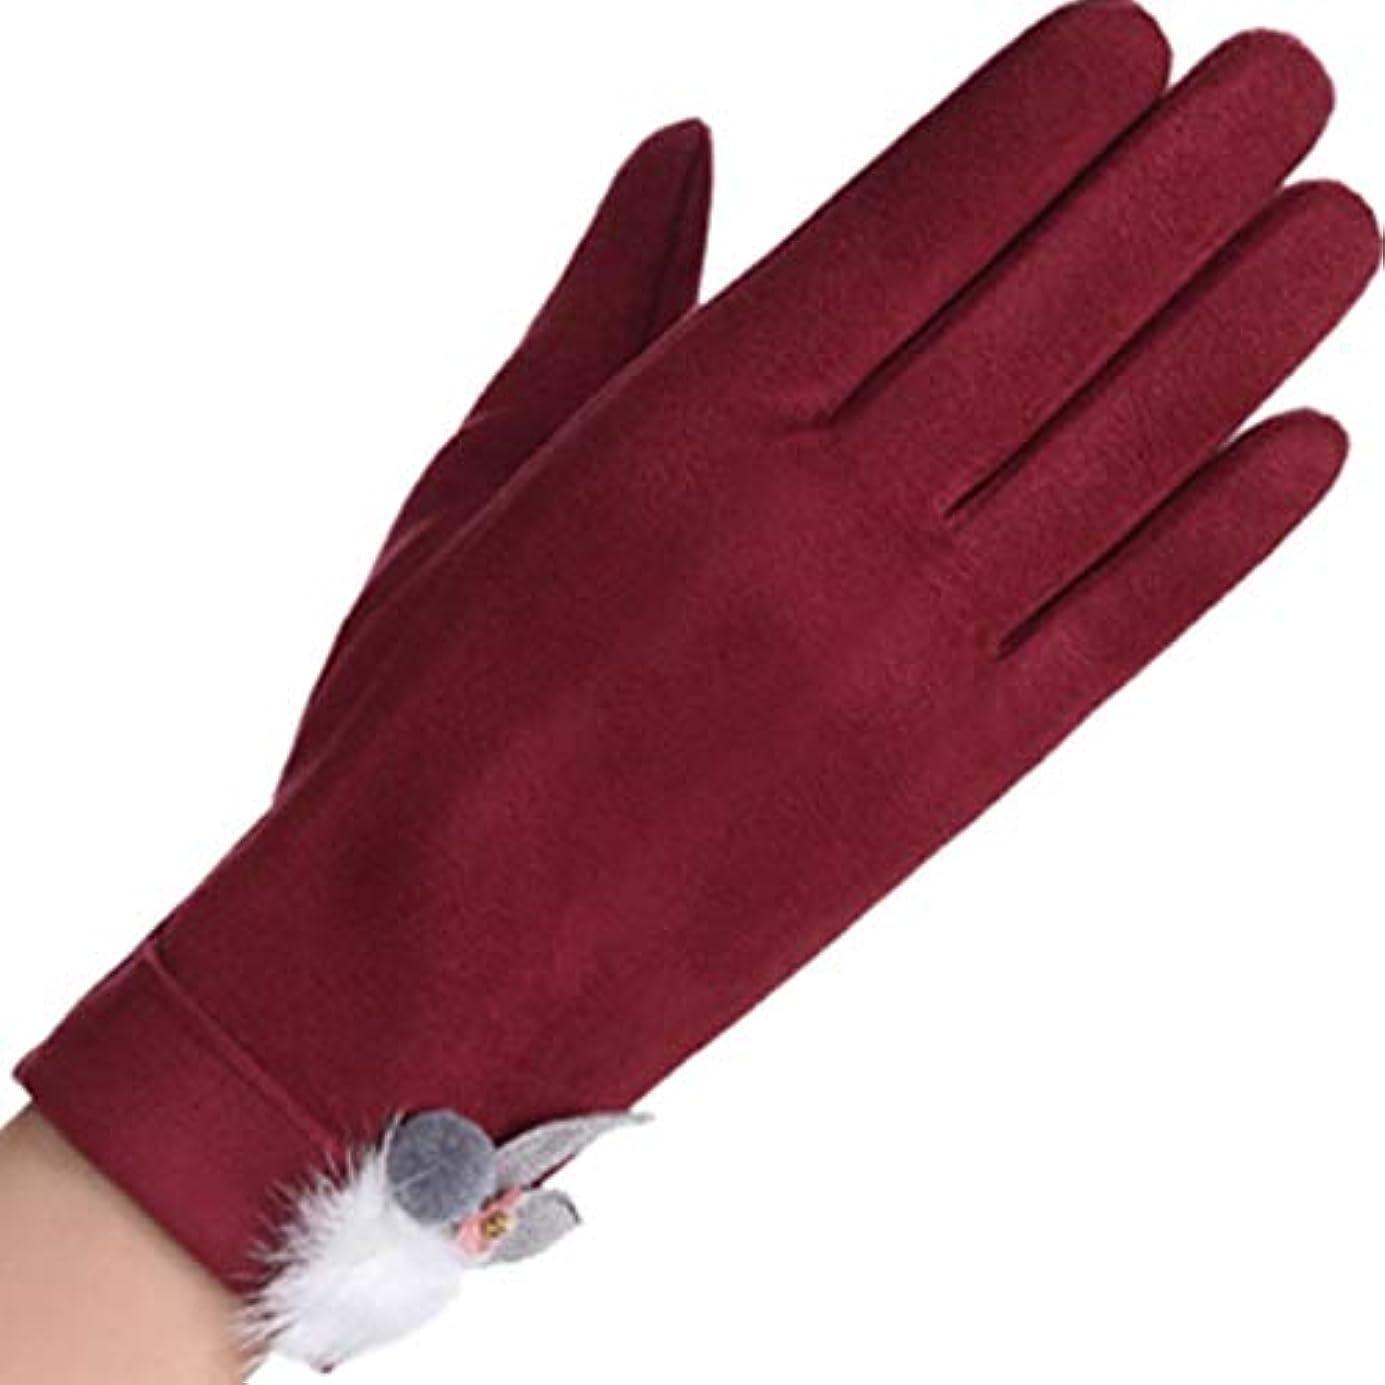 ワイヤートロピカルオーディション手袋の女性の暖かいタッチスクリーンの手袋冬の防風プラスベルベットの女性の毛の手袋の黒ワインレッド (色 : 赤ワイン)